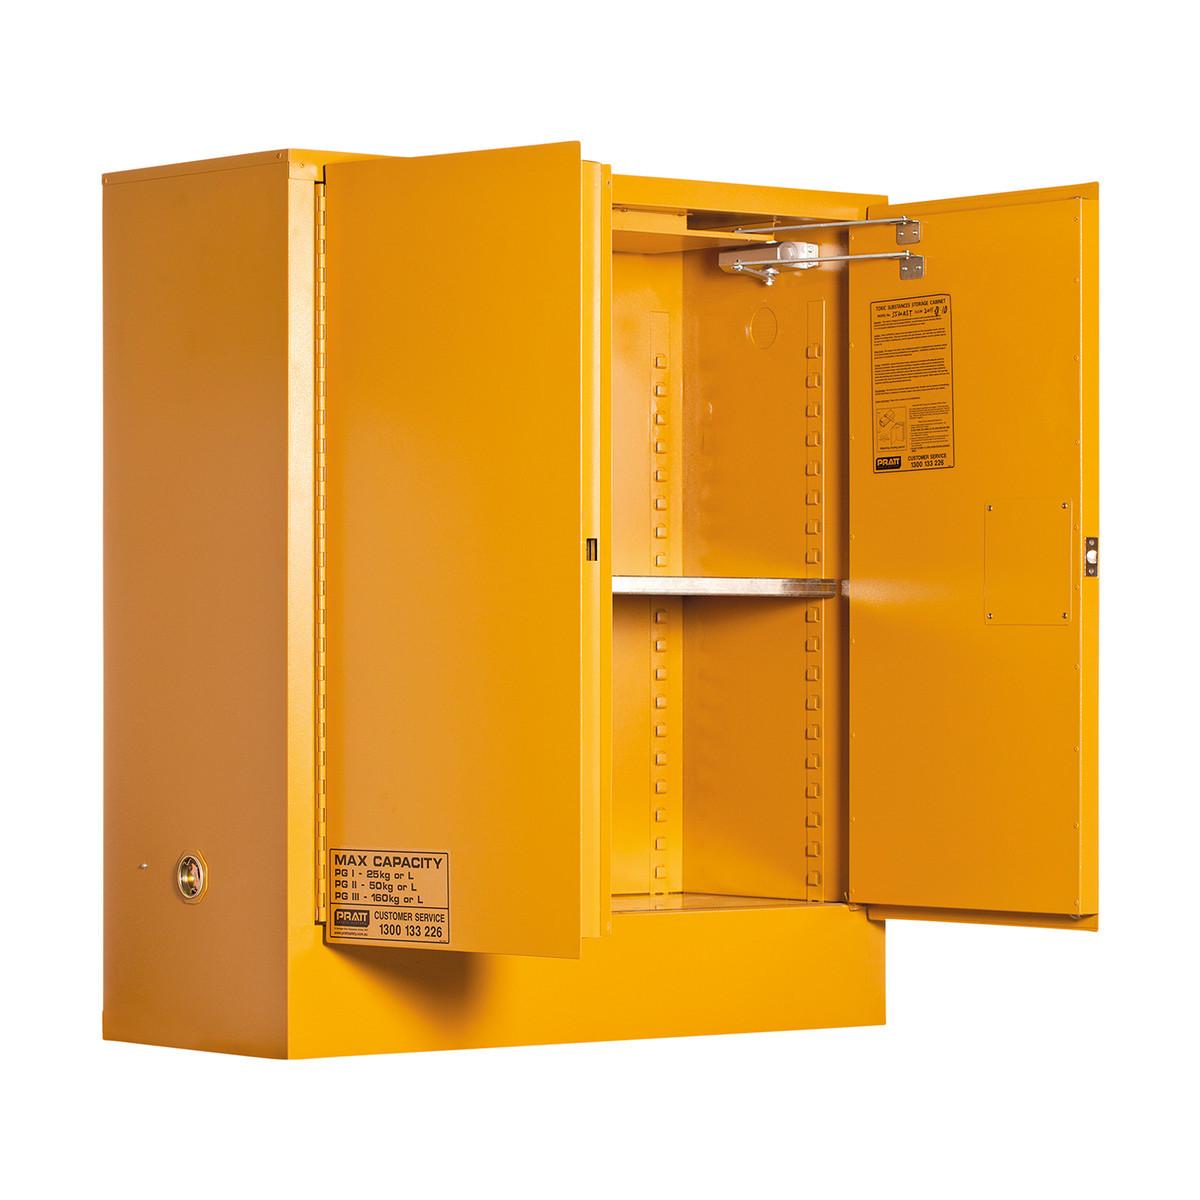 Toxic Storage Cabinet 160 Liters - 2 Door, 2 Shelf